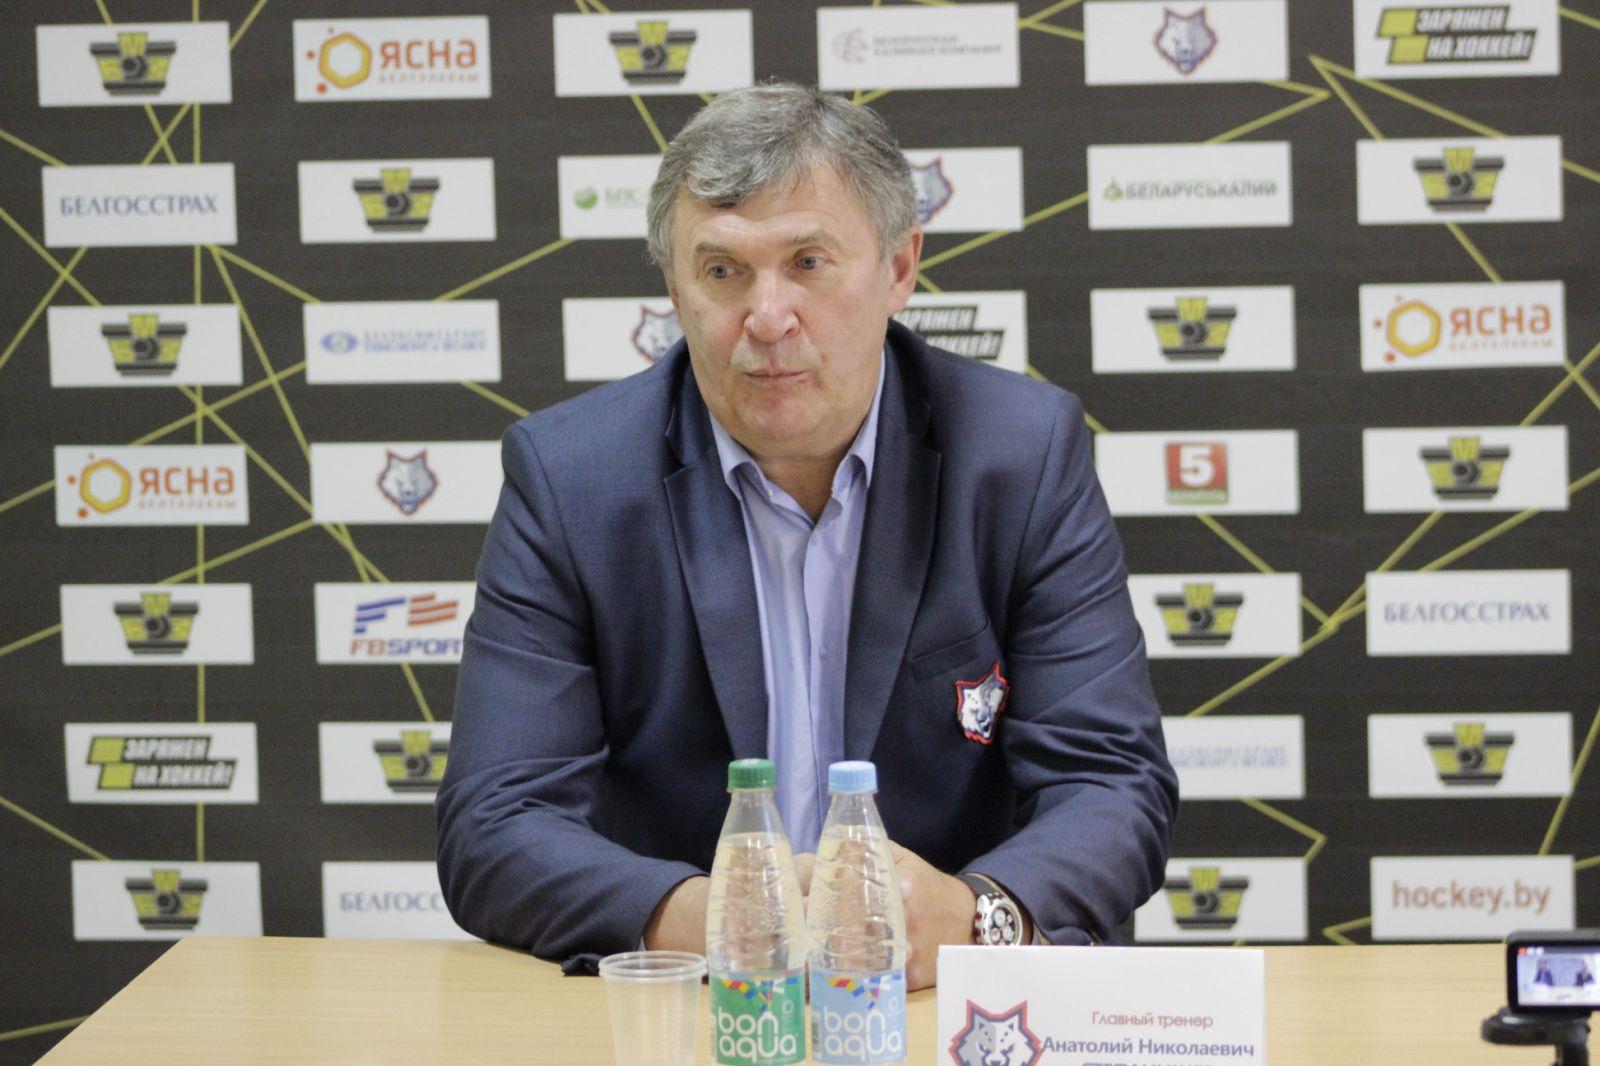 Анатолий Степанищев: одна команда настраивается, а у другой сидит в подкорочке, что мы все равно сильнее